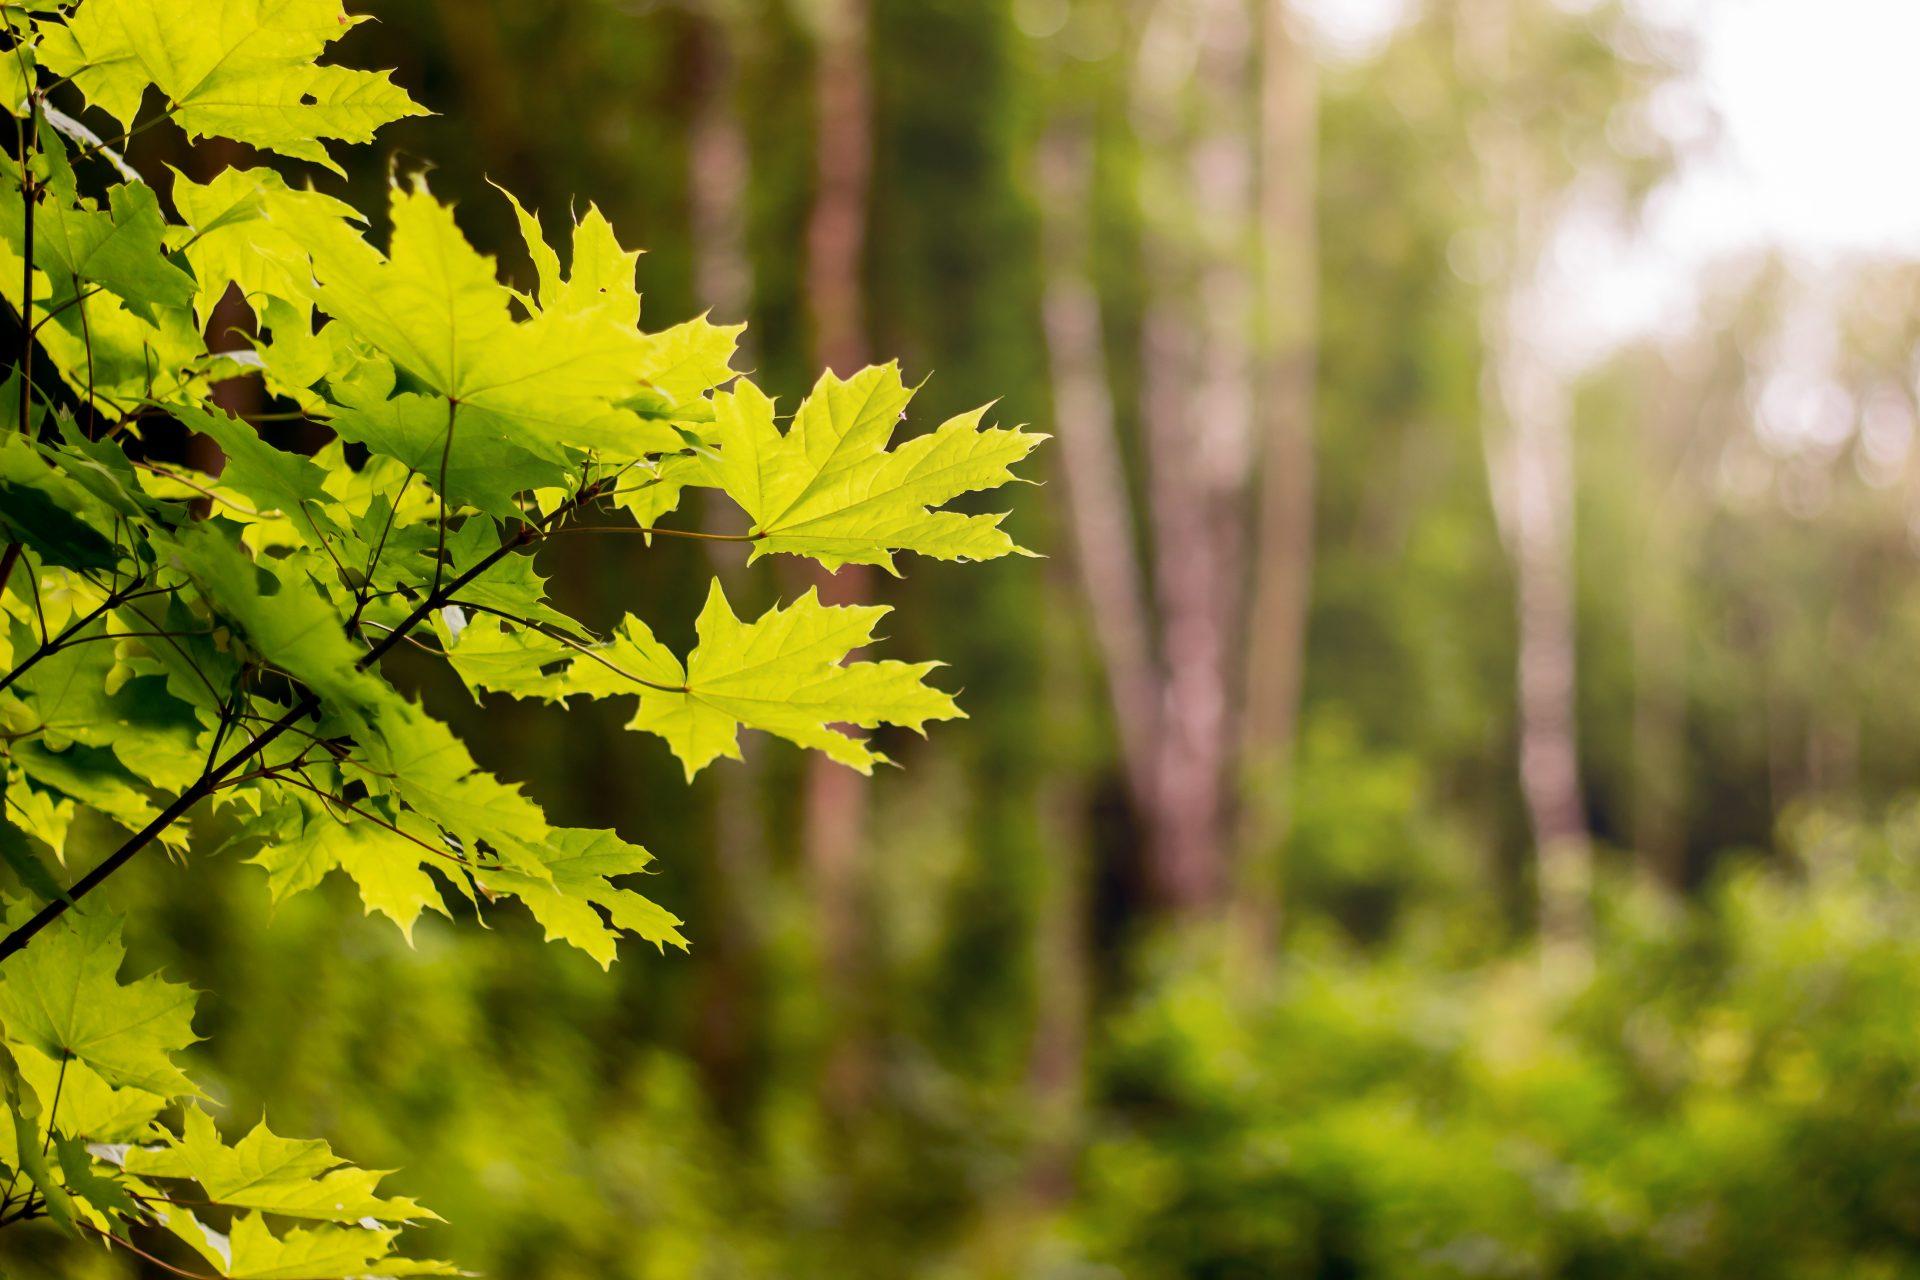 javor-listy-les-konare-strom-drevo-priroda